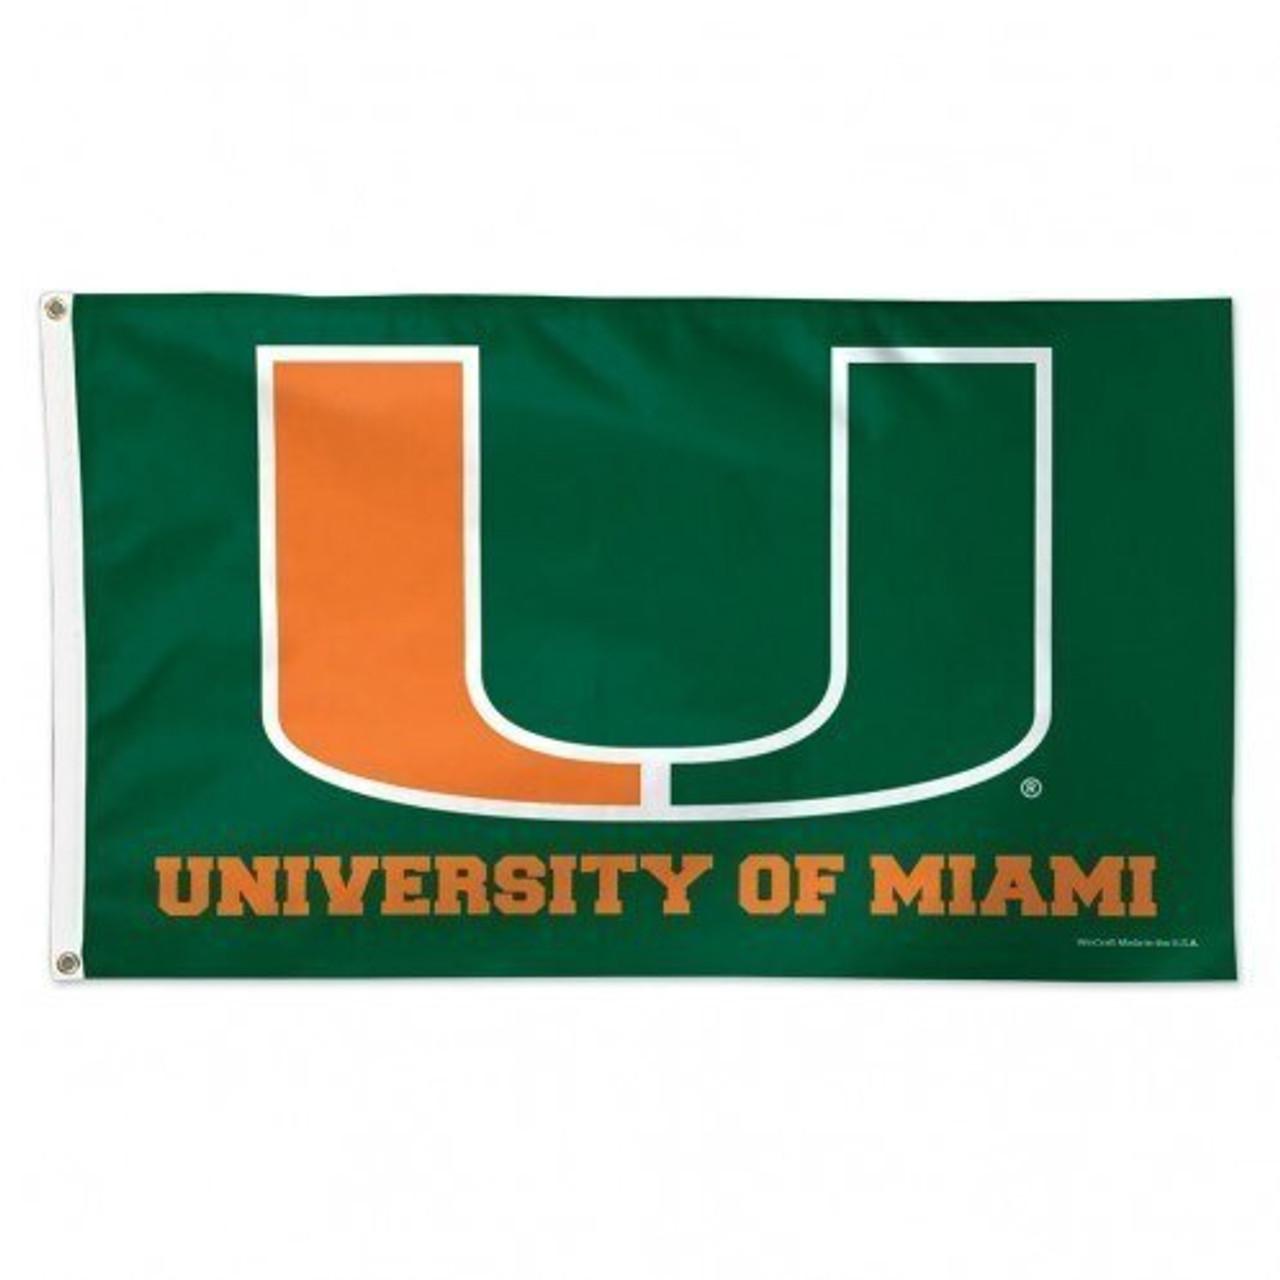 Miami (University of) Flag